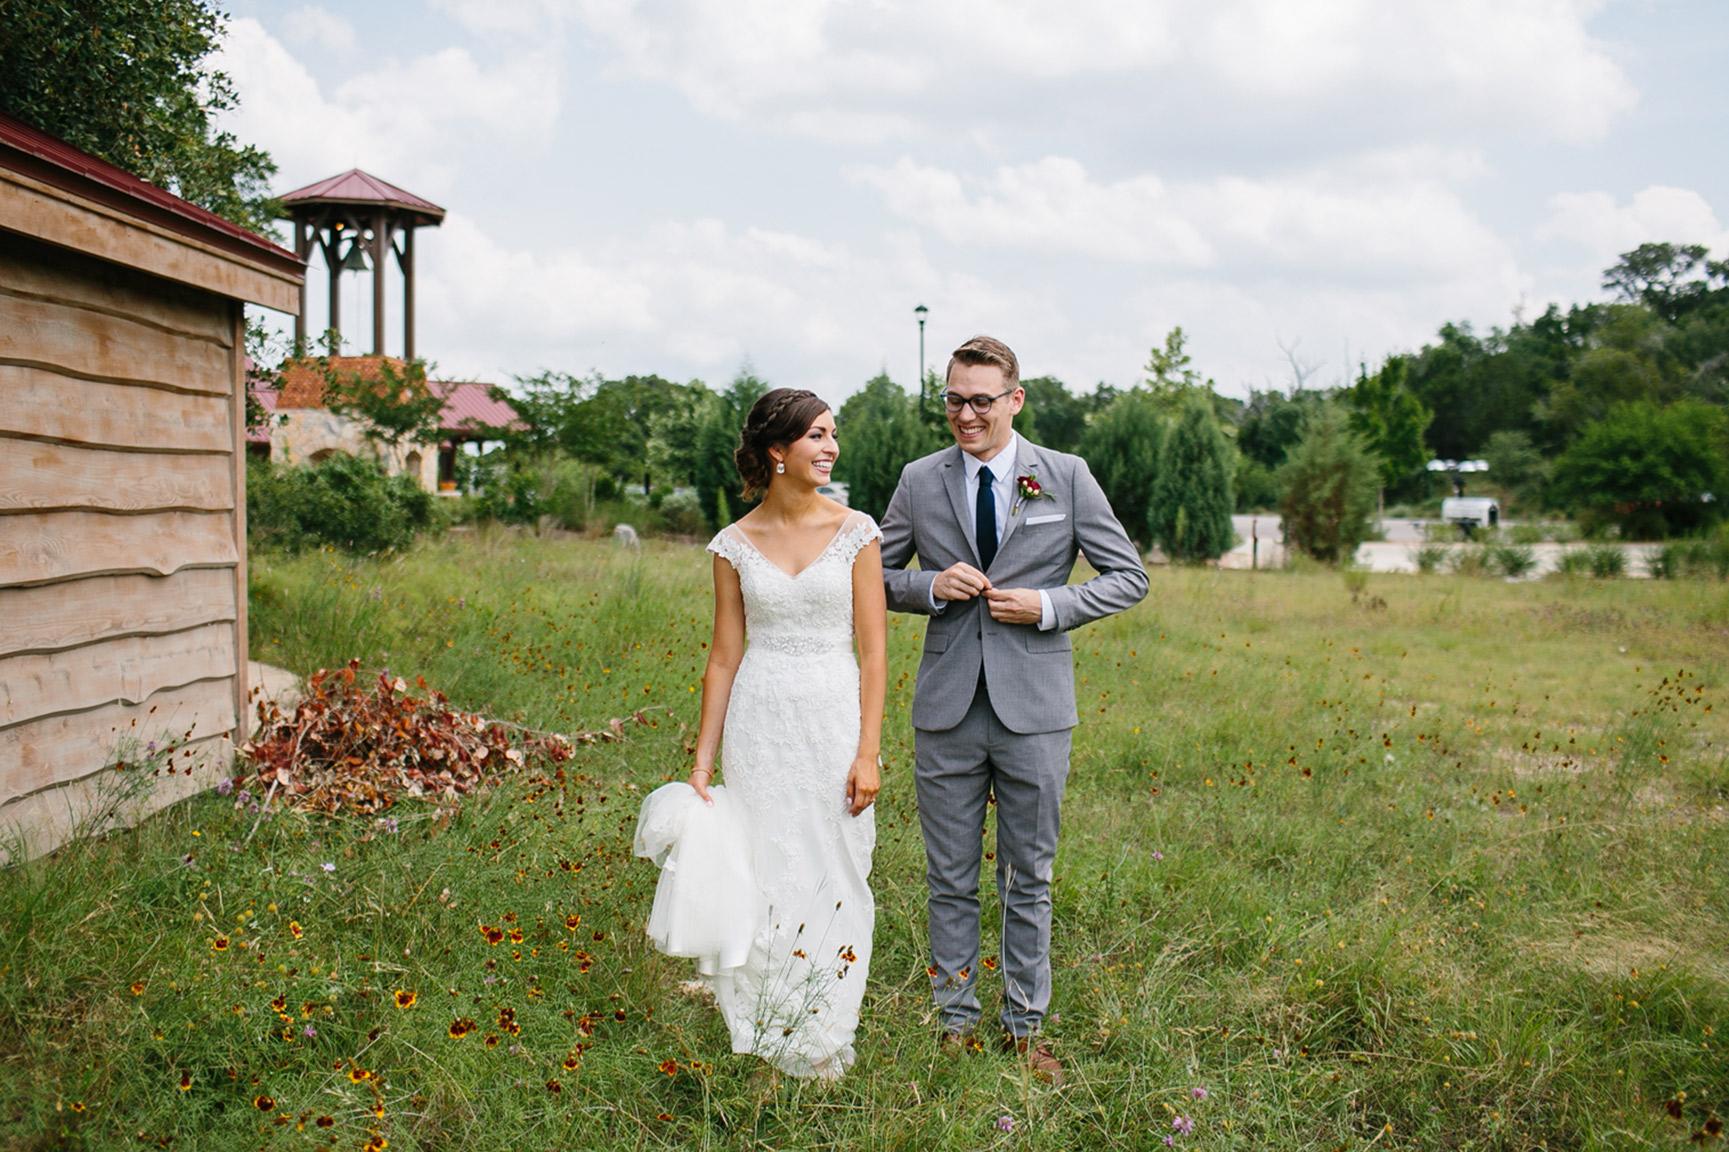 Austin_WeddingPhotographerWARRWEDDING010.jpg